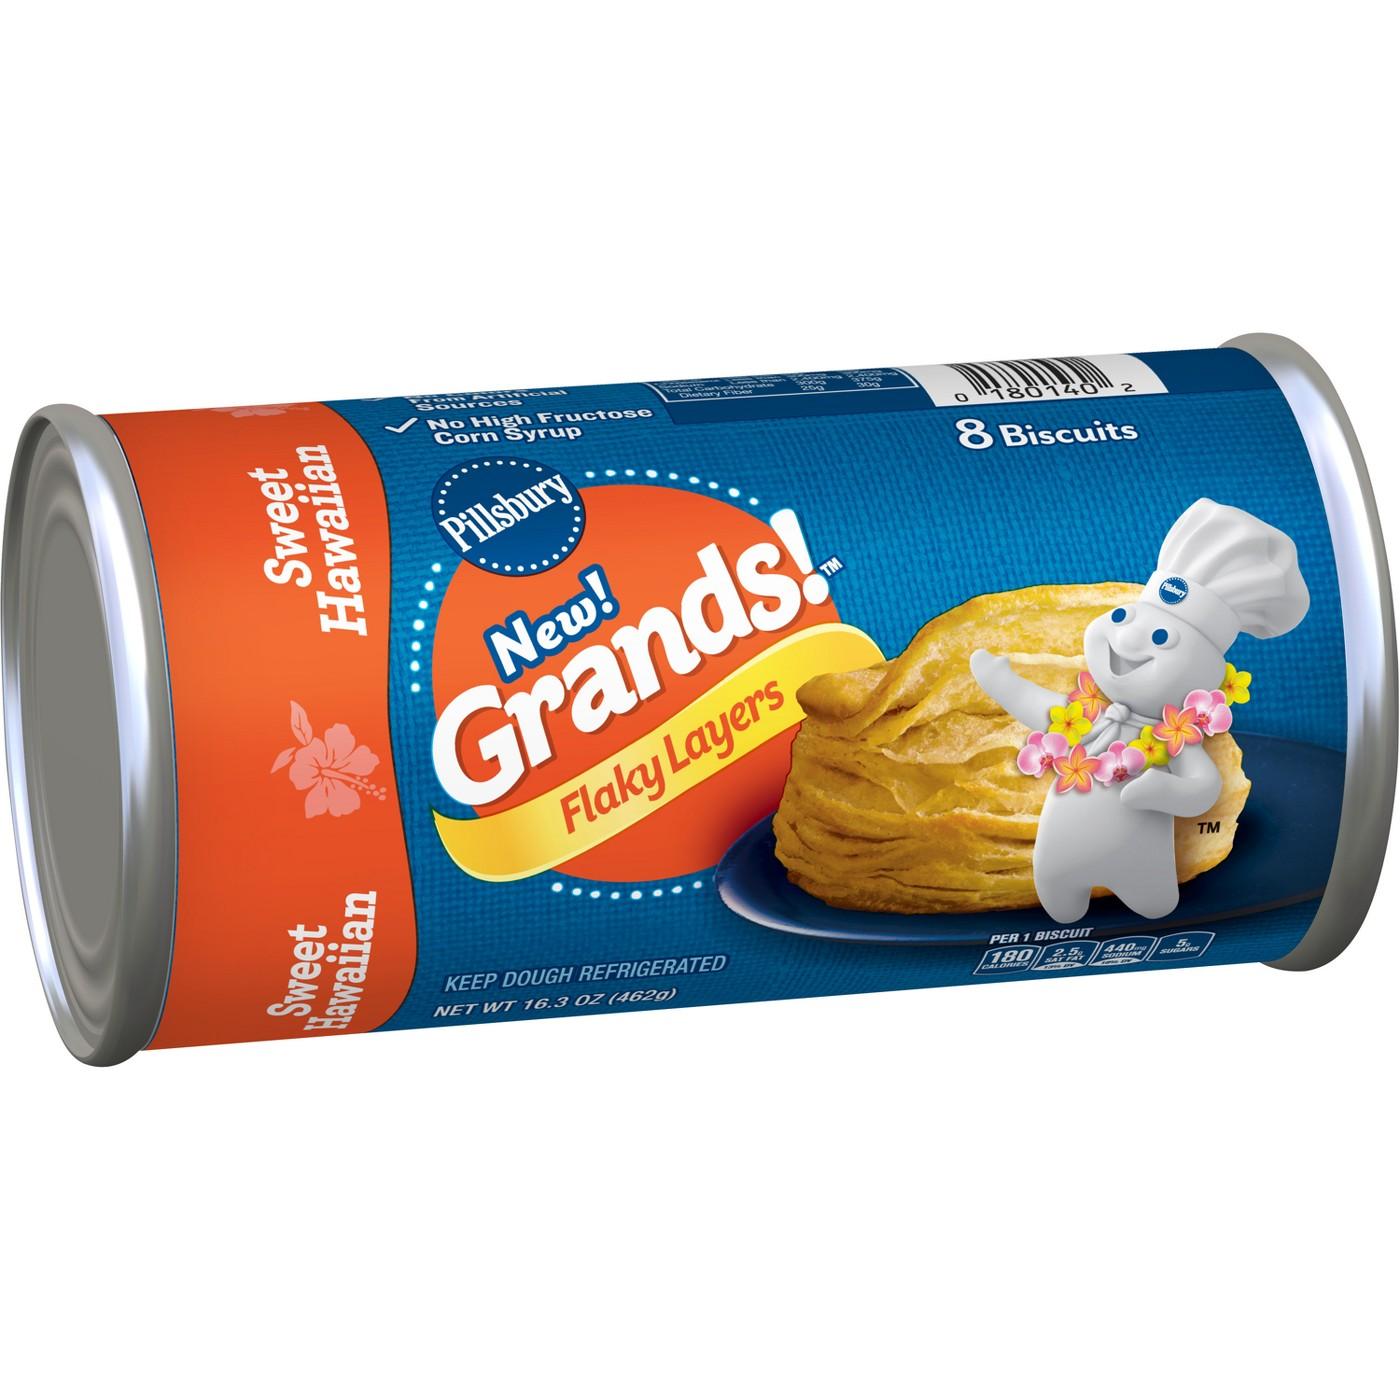 Pillsbury Grands! Sweet Hawaiian Biscuits - 8ct / 16.3oz - image 1 of 3